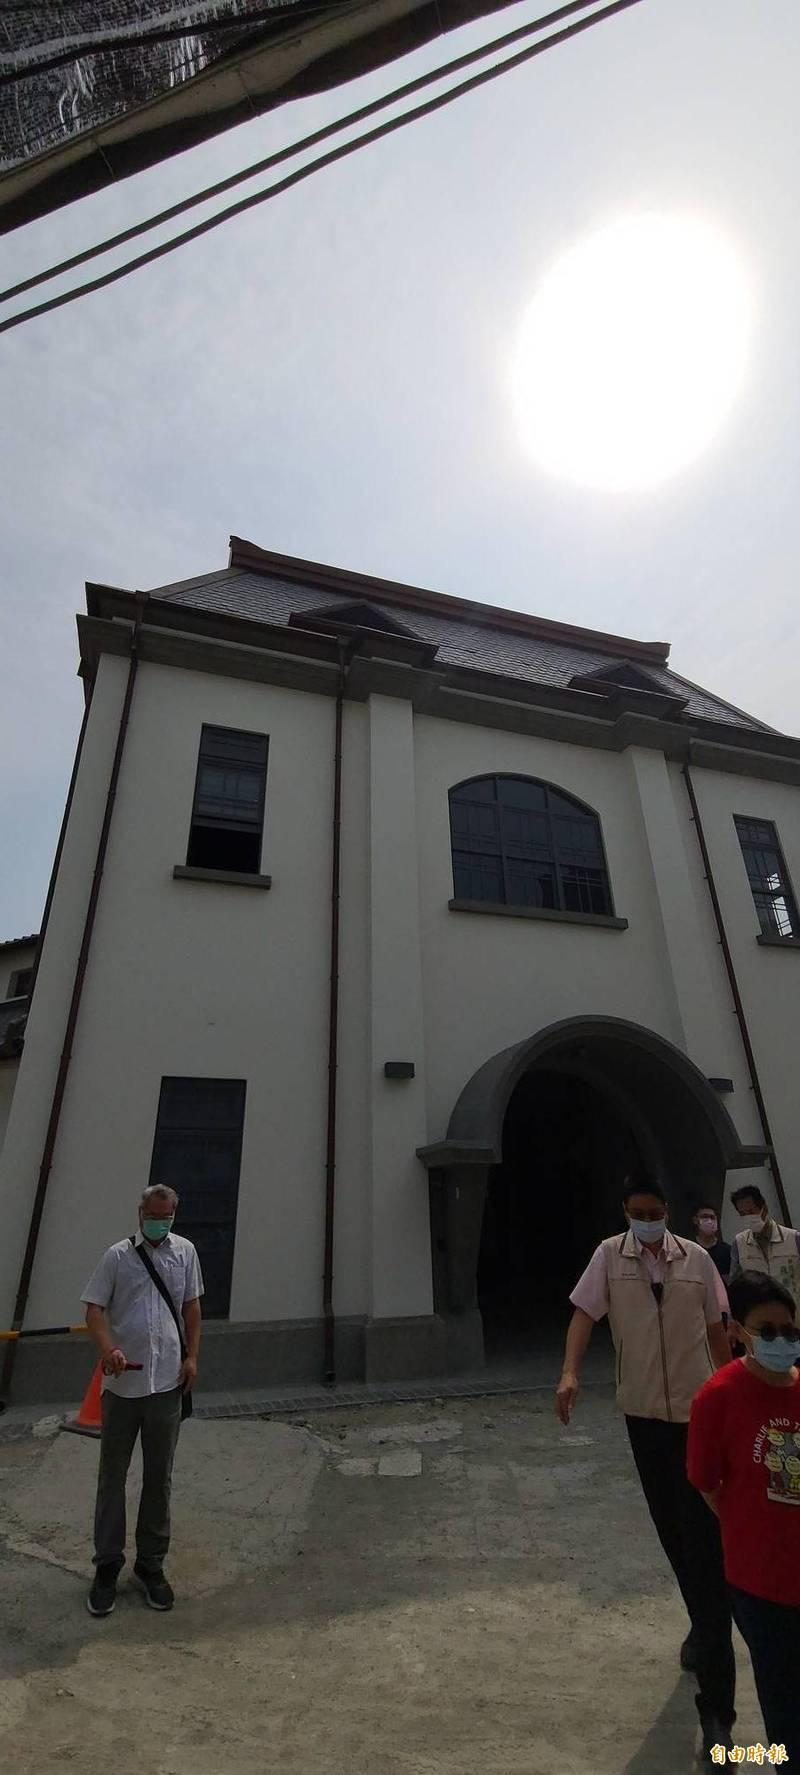 台南西市場暨原台南州青果同業組合香蕉倉庫修復完成,為繼國定古蹟台南州廳與台南地方法院後,成功復原馬薩頂的案例。(記者劉婉君攝)